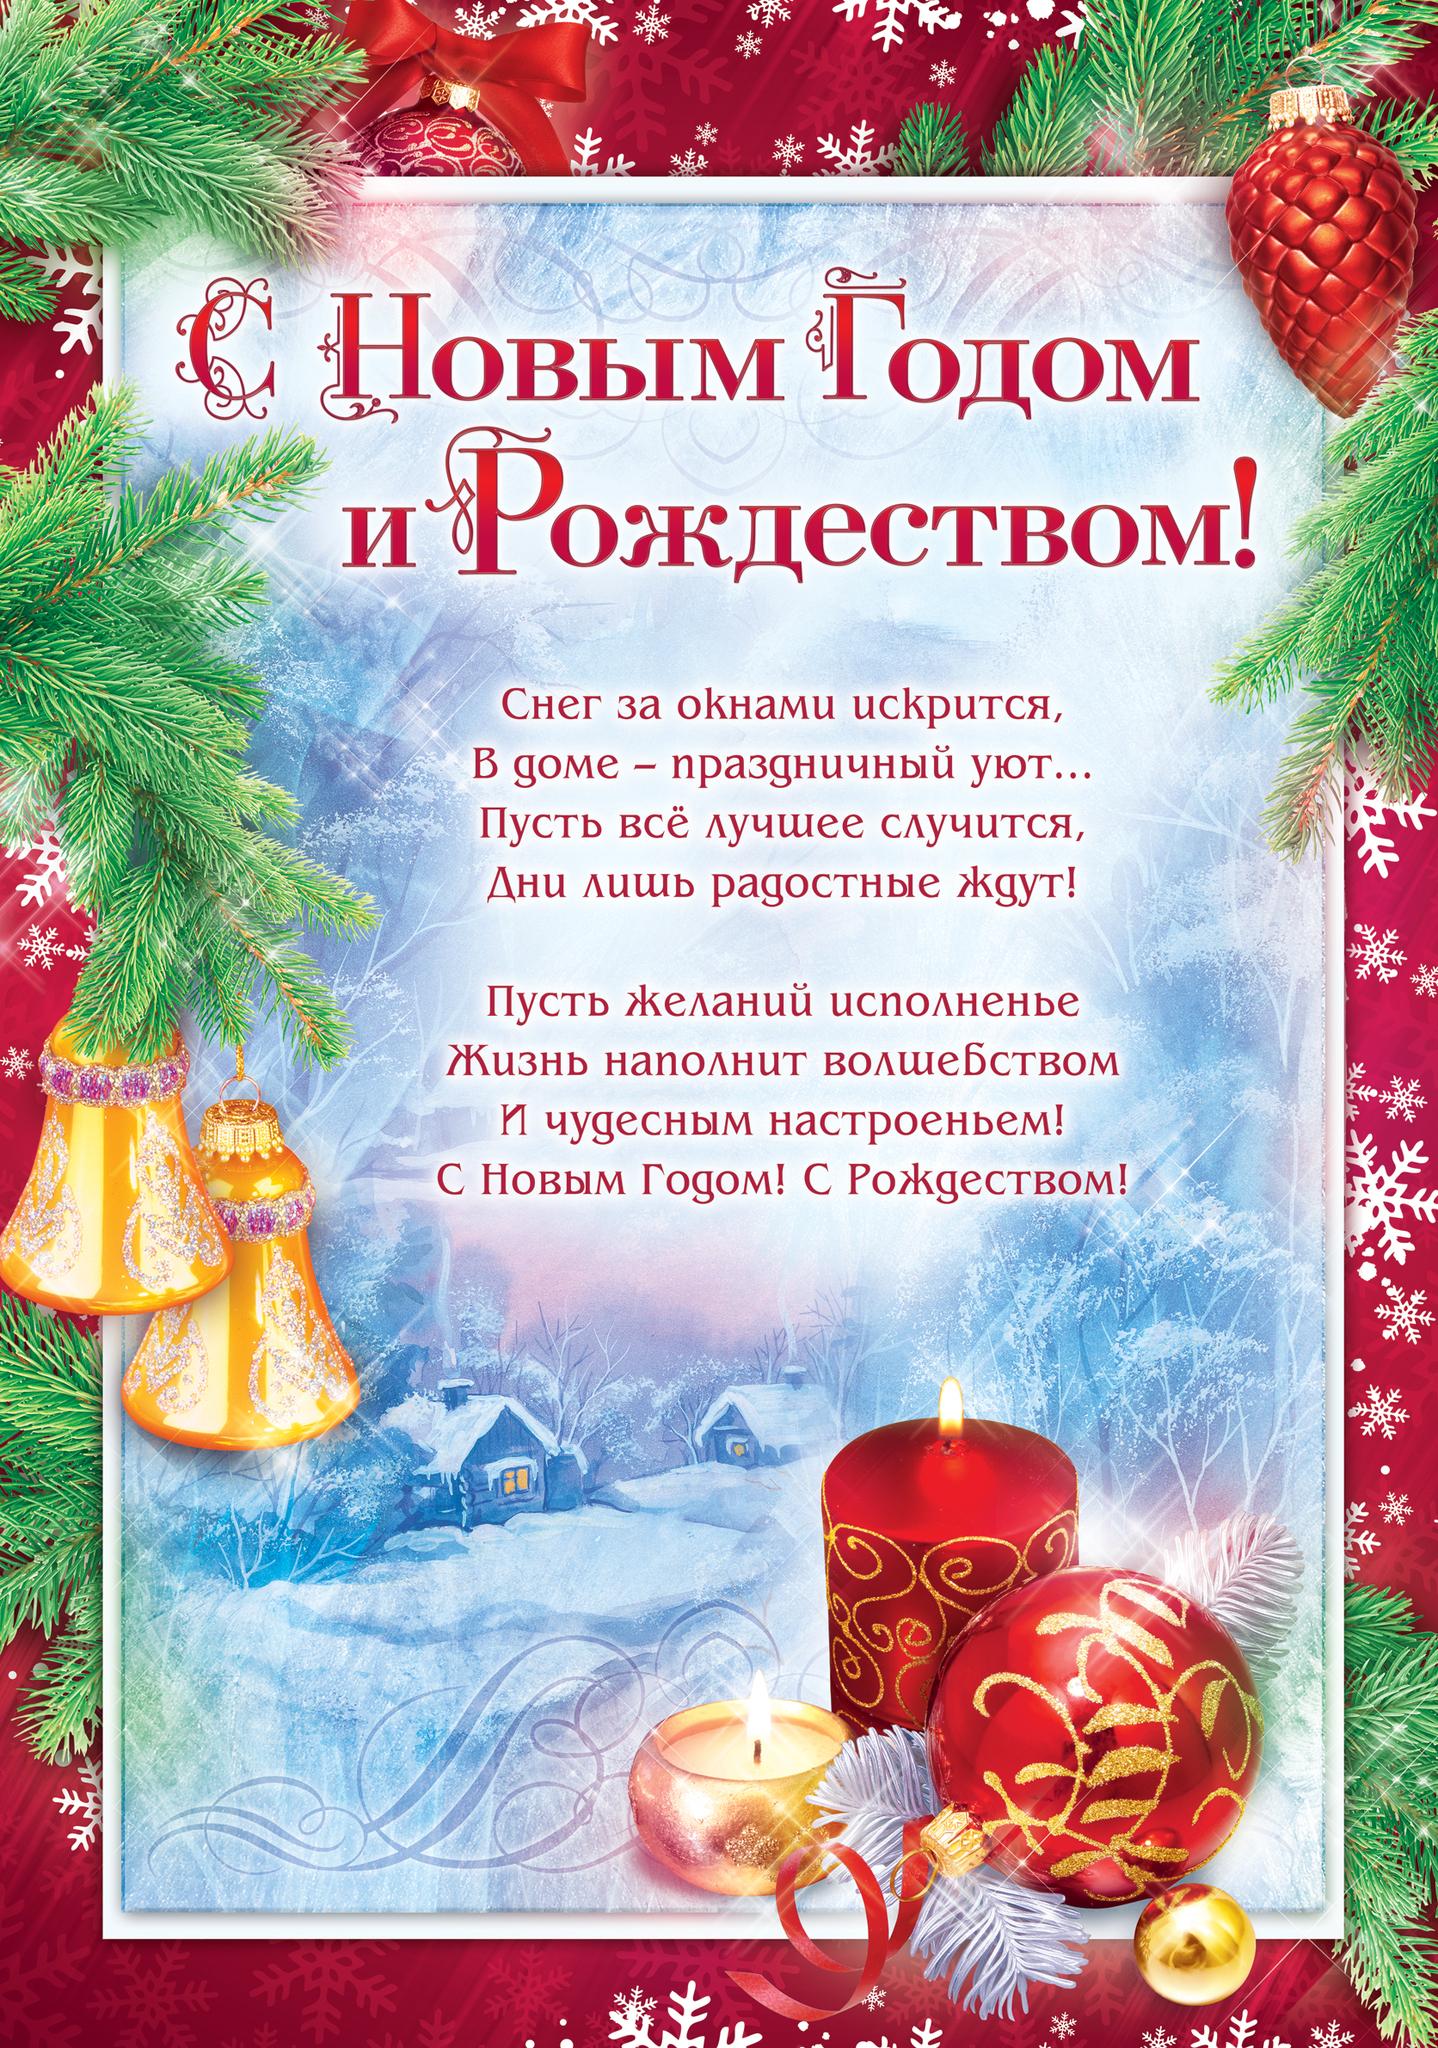 Напечатать текст на открытке с новым годом, летием сестре